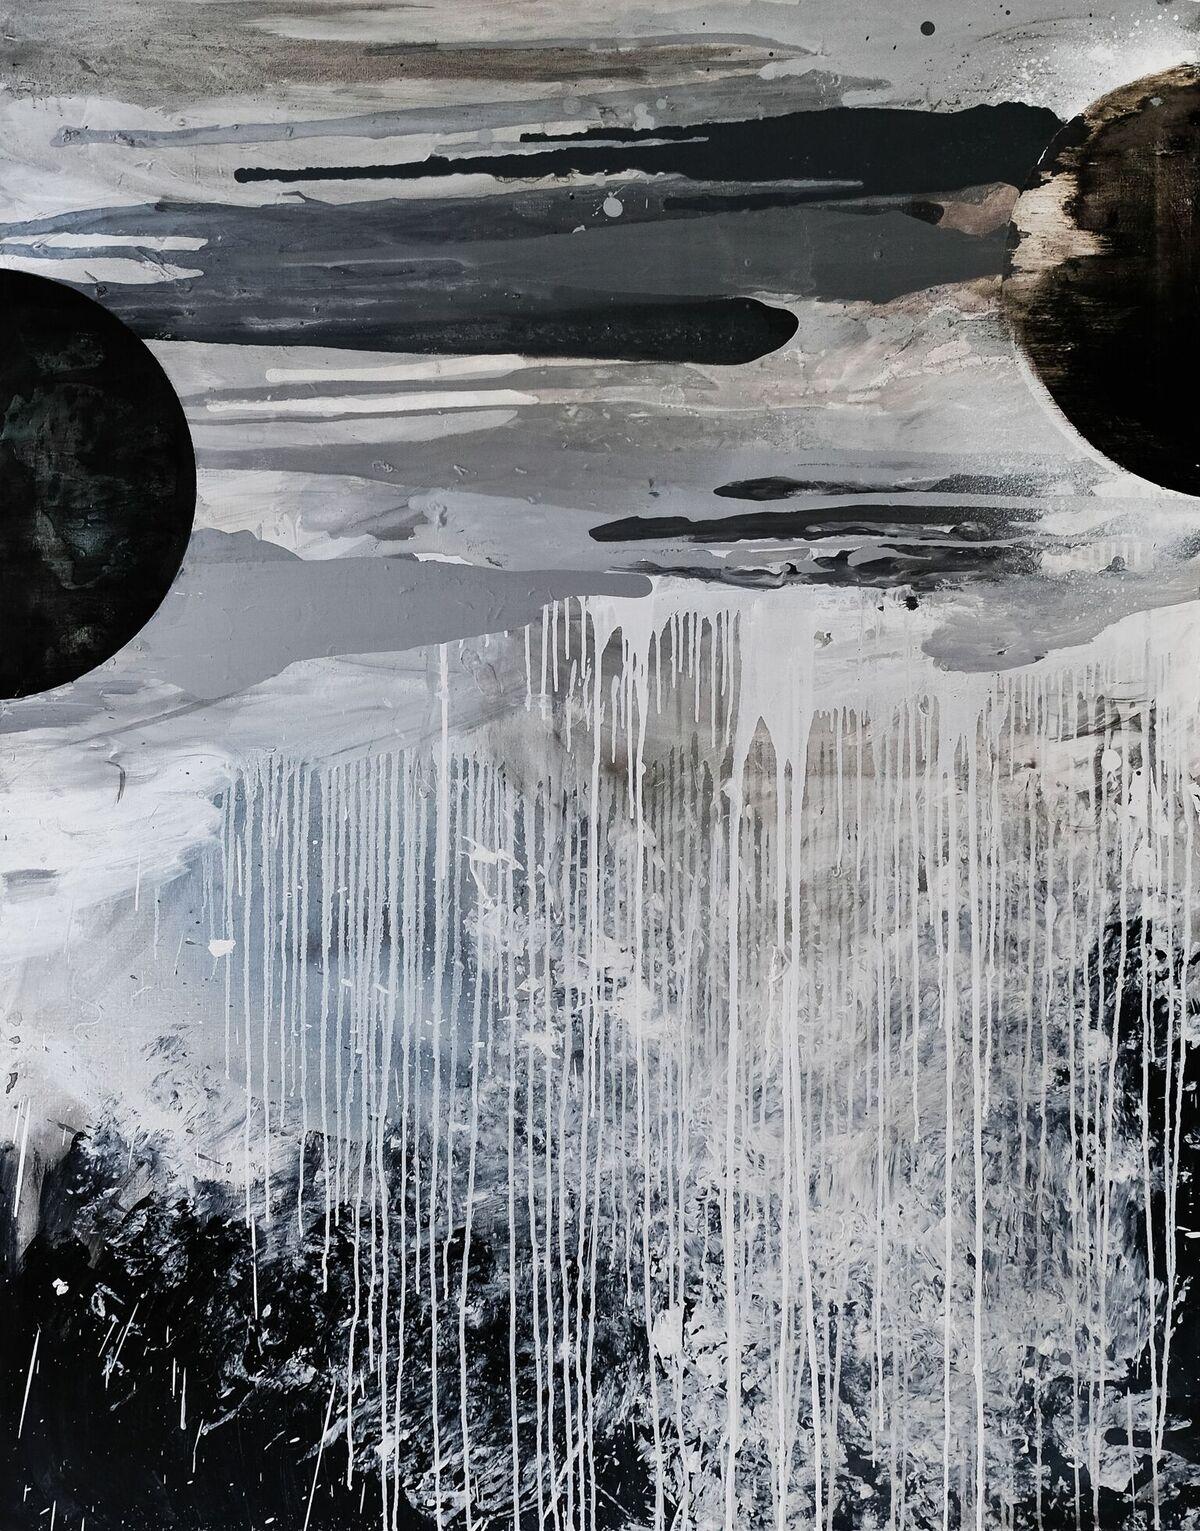 malerier, abstrakte, ekspressionistiske, grafiske, monokrome, botanik, natur, sorte, grå, hvide, hørlærred, olie, abstrakte-former, efterår, smukke, sort-hvide, samtidskunst, dansk, interiør, bolig-indretning, moderne, moderne-kunst, nordisk, flotte, vand, Køb original kunst og kunstplakater. Malerier, tegninger, limited edition kunsttryk & plakater af dygtige kunstnere.